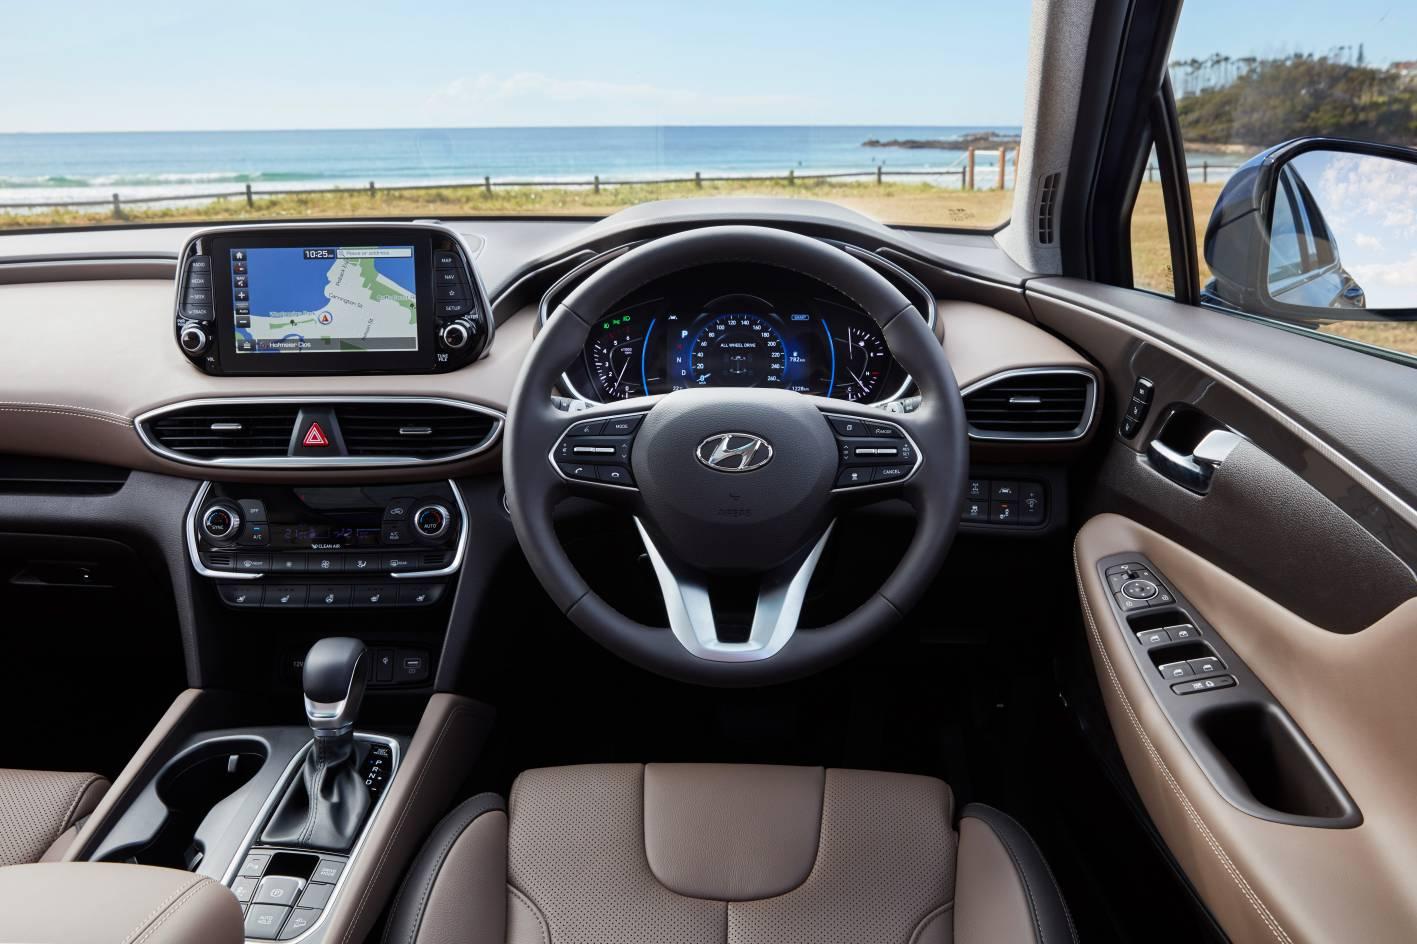 Hyundai Santa FE 2020 Interior